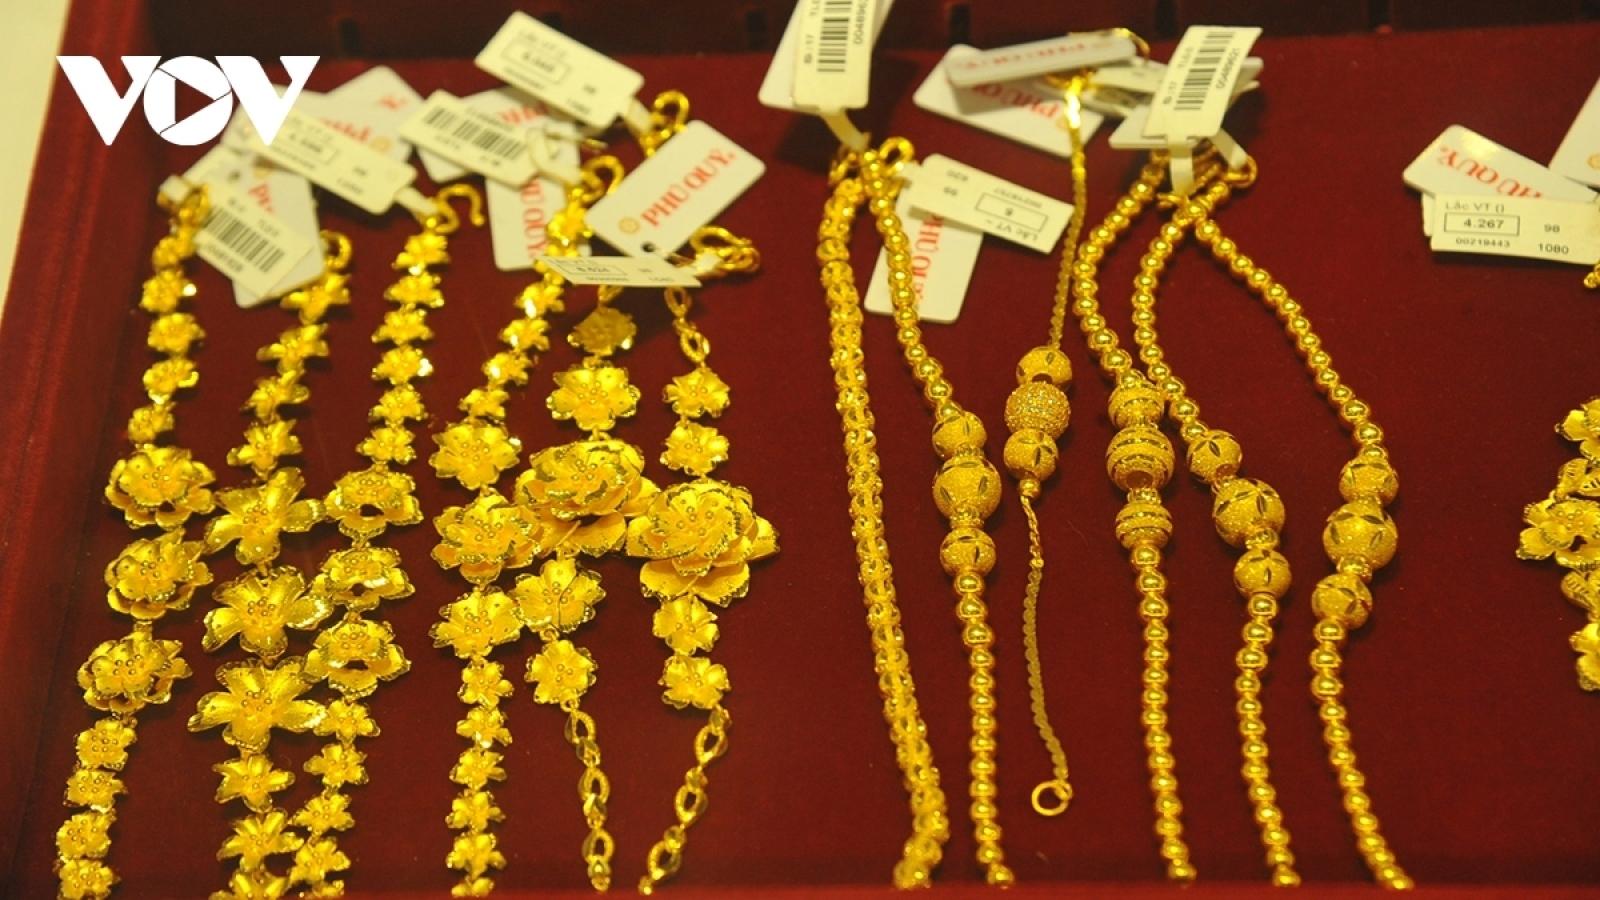 Giá vàng trong nước đang quá cao so với vàng thế giới